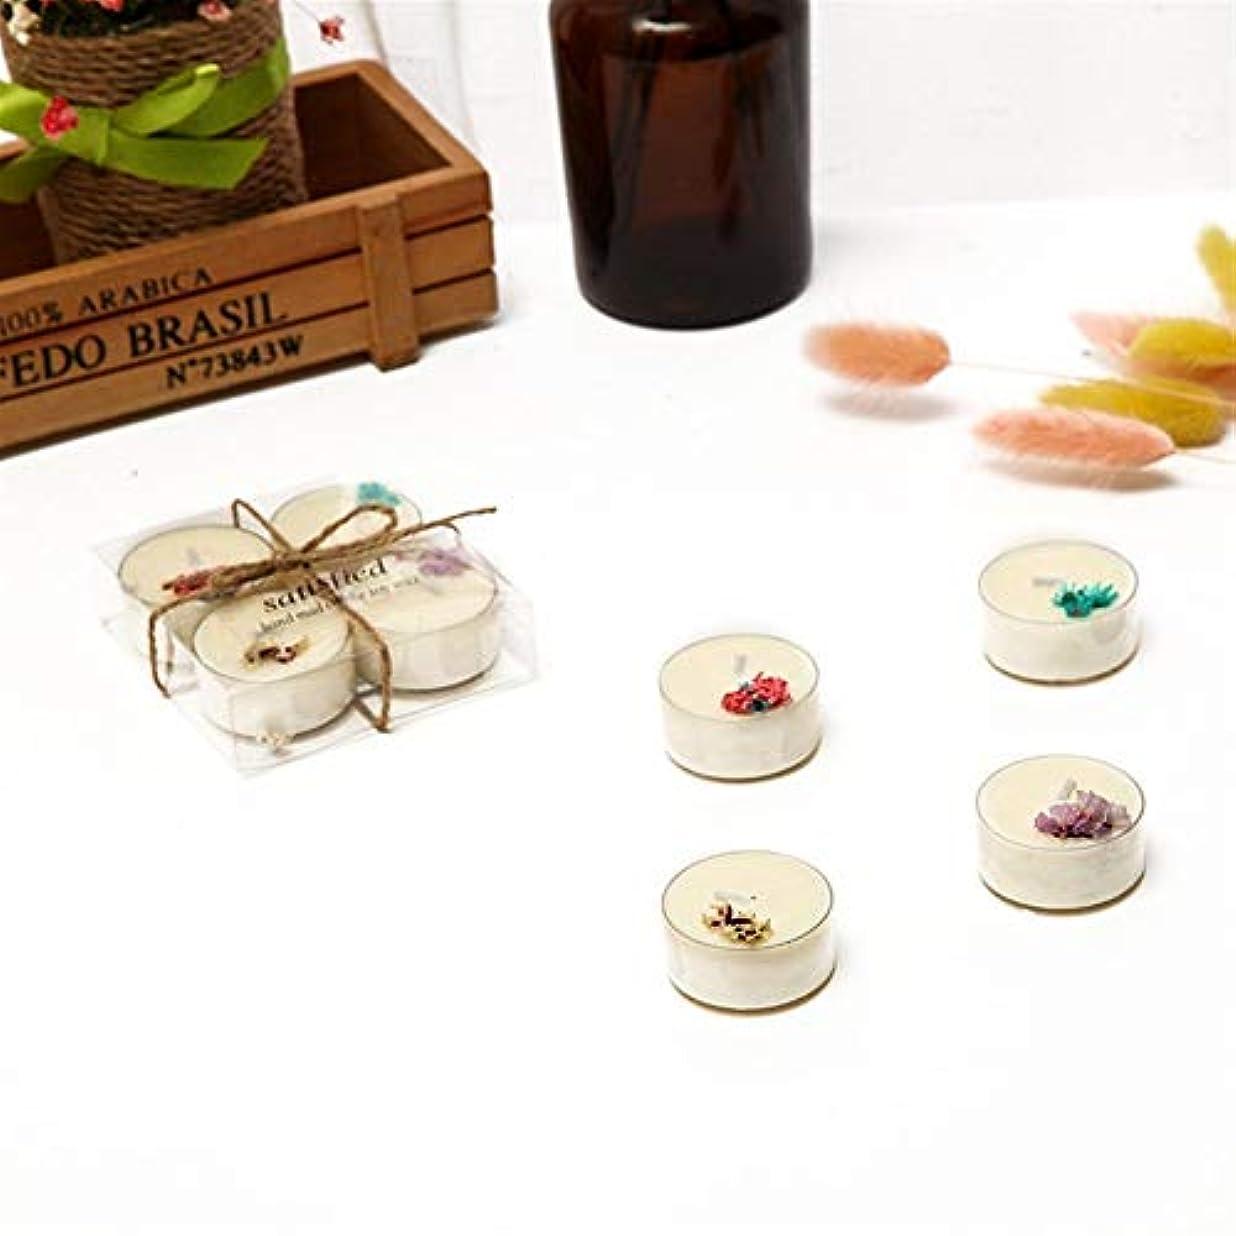 考えクレデンシャル動揺させるGuomao 4つの花小さな茶ワックスガラスボトルアロマセラピーガラスカップ非毒性環境保護 (色 : Lavender)